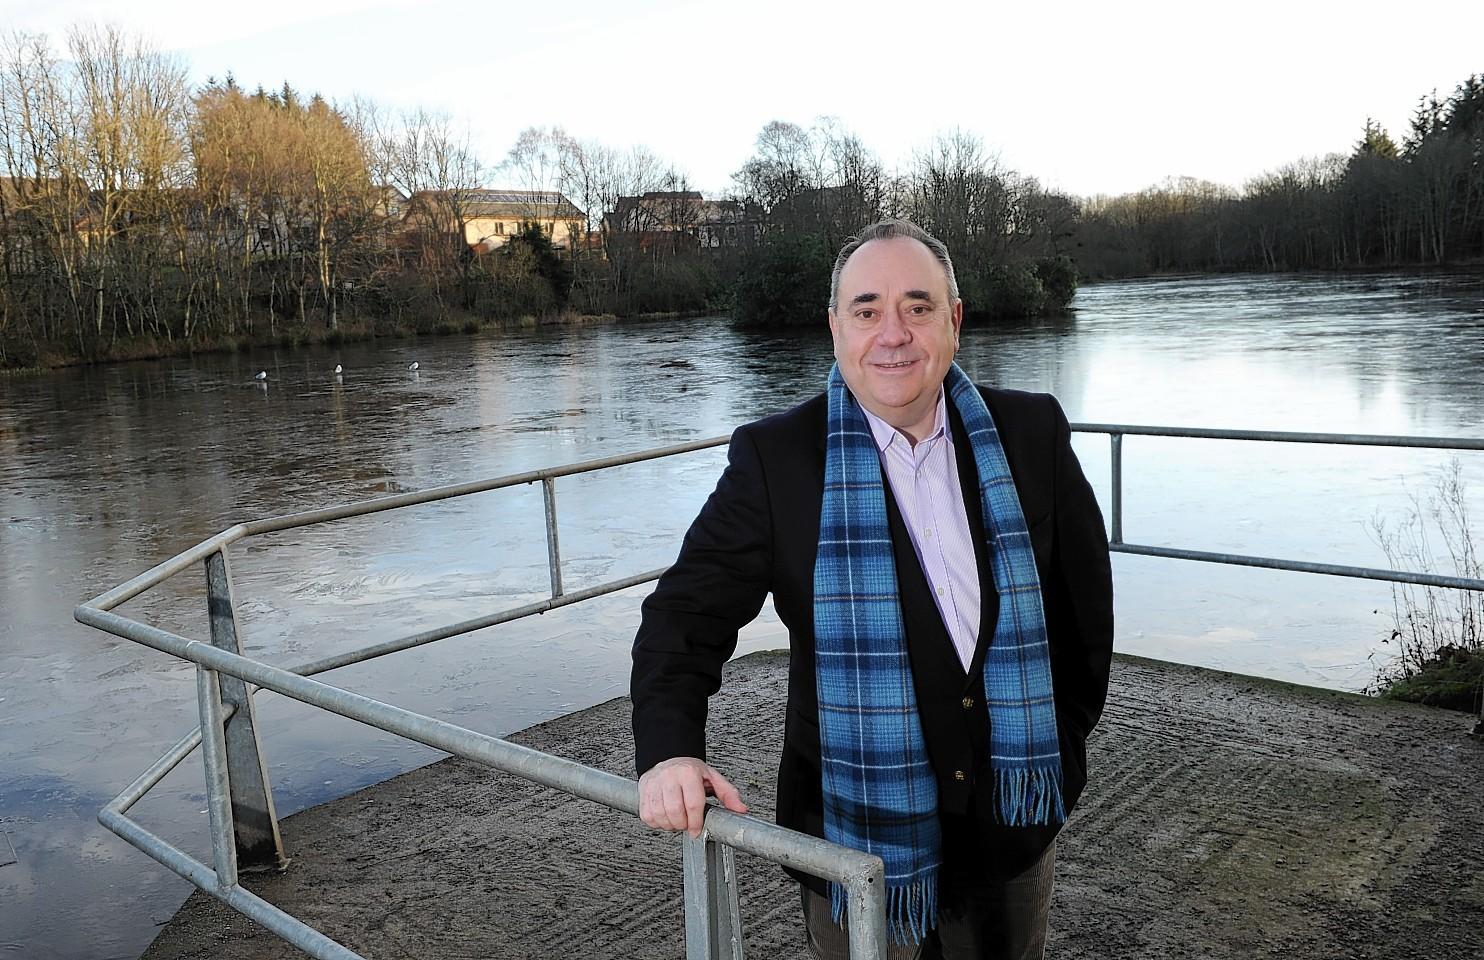 Alex Salmond at Strichen Park